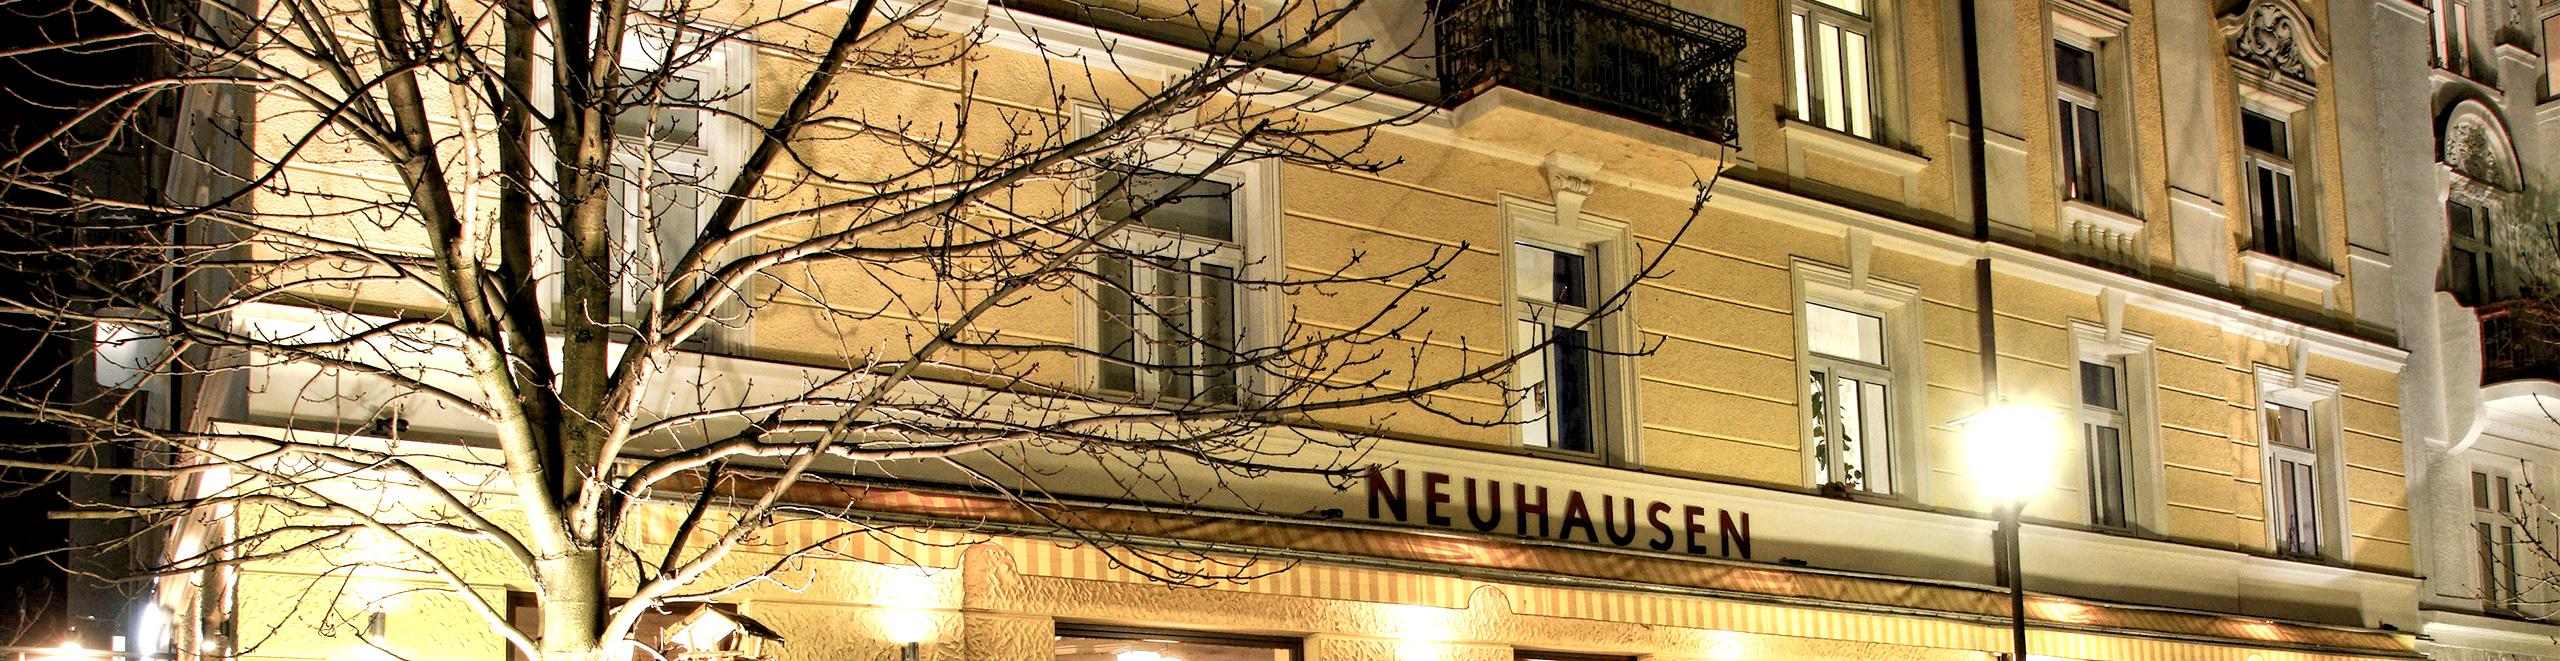 neuhausen_banner_aussen